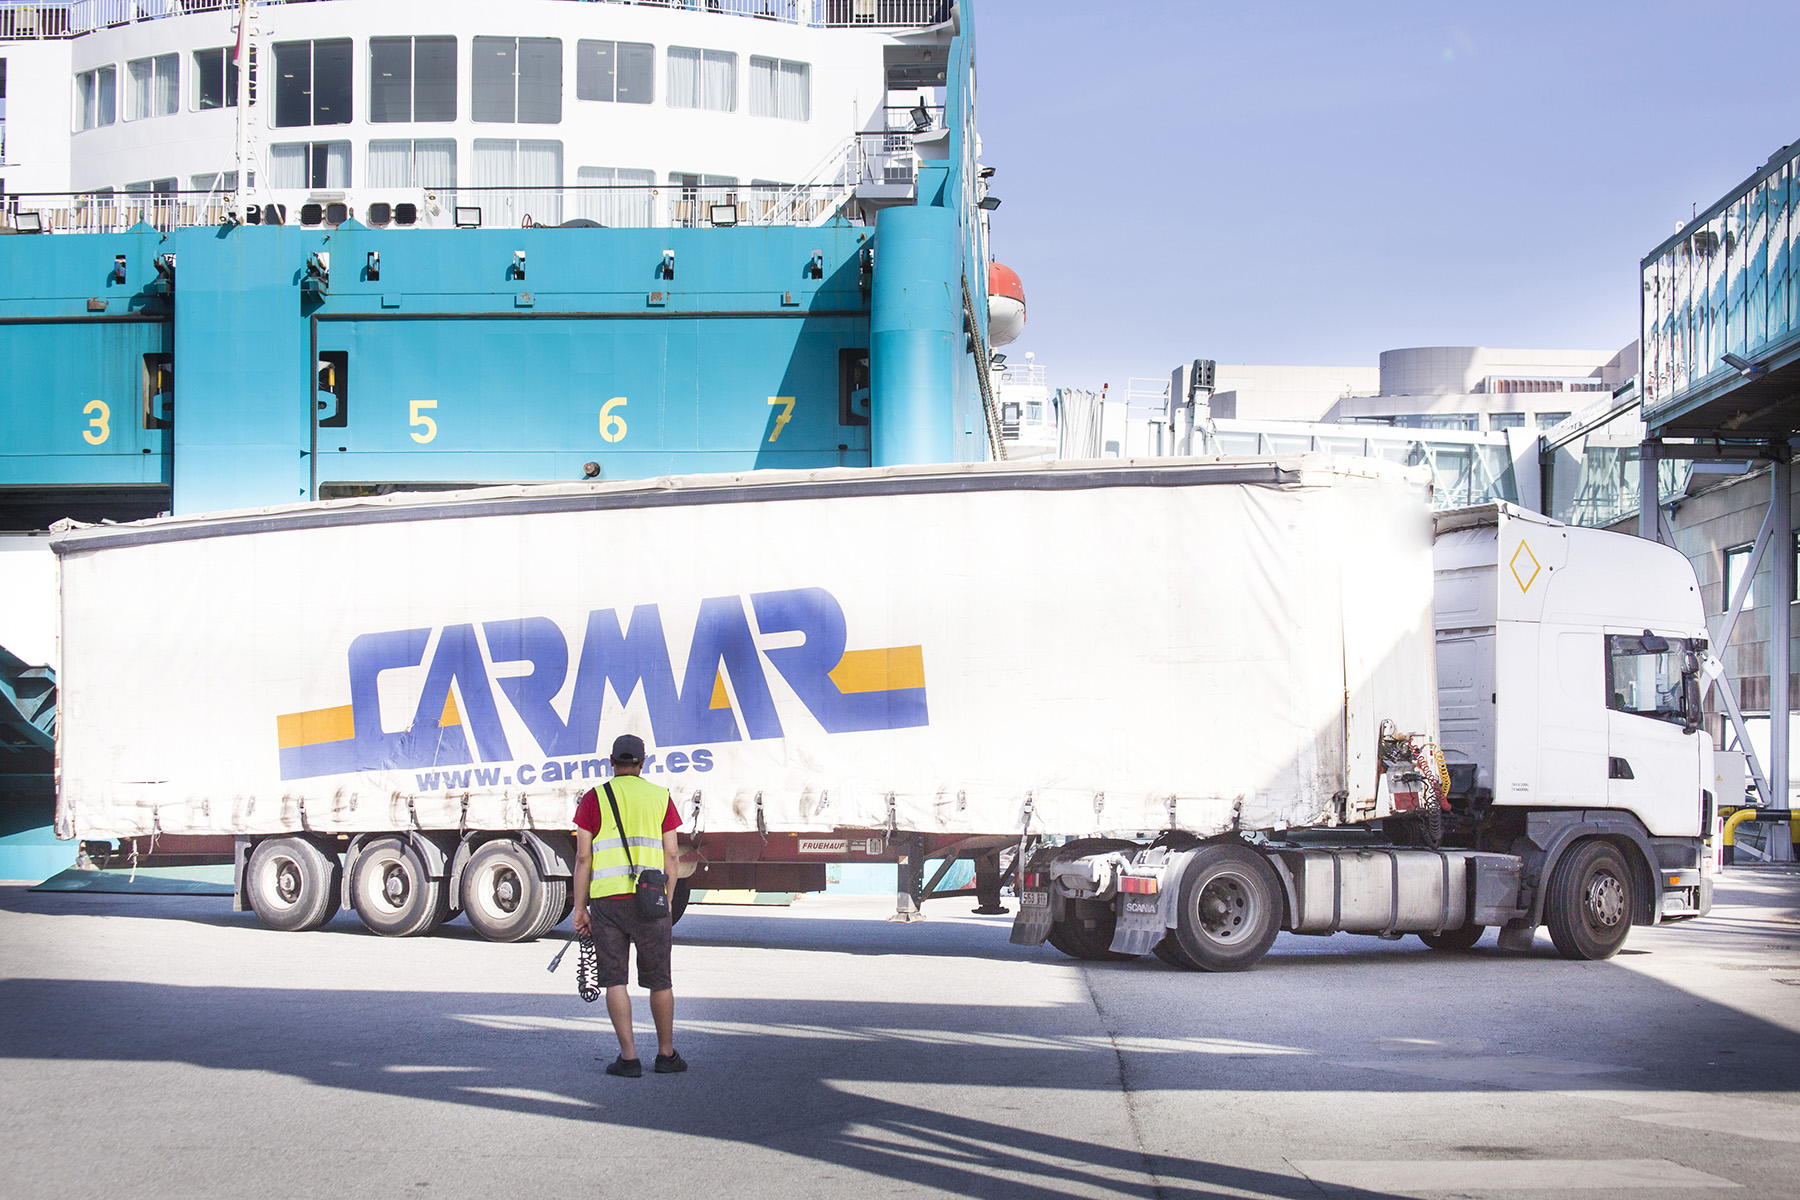 Carmar alcanza los 10 millones de kilos de mercancías movidas en los archipiélagos de Canarias y Baleares